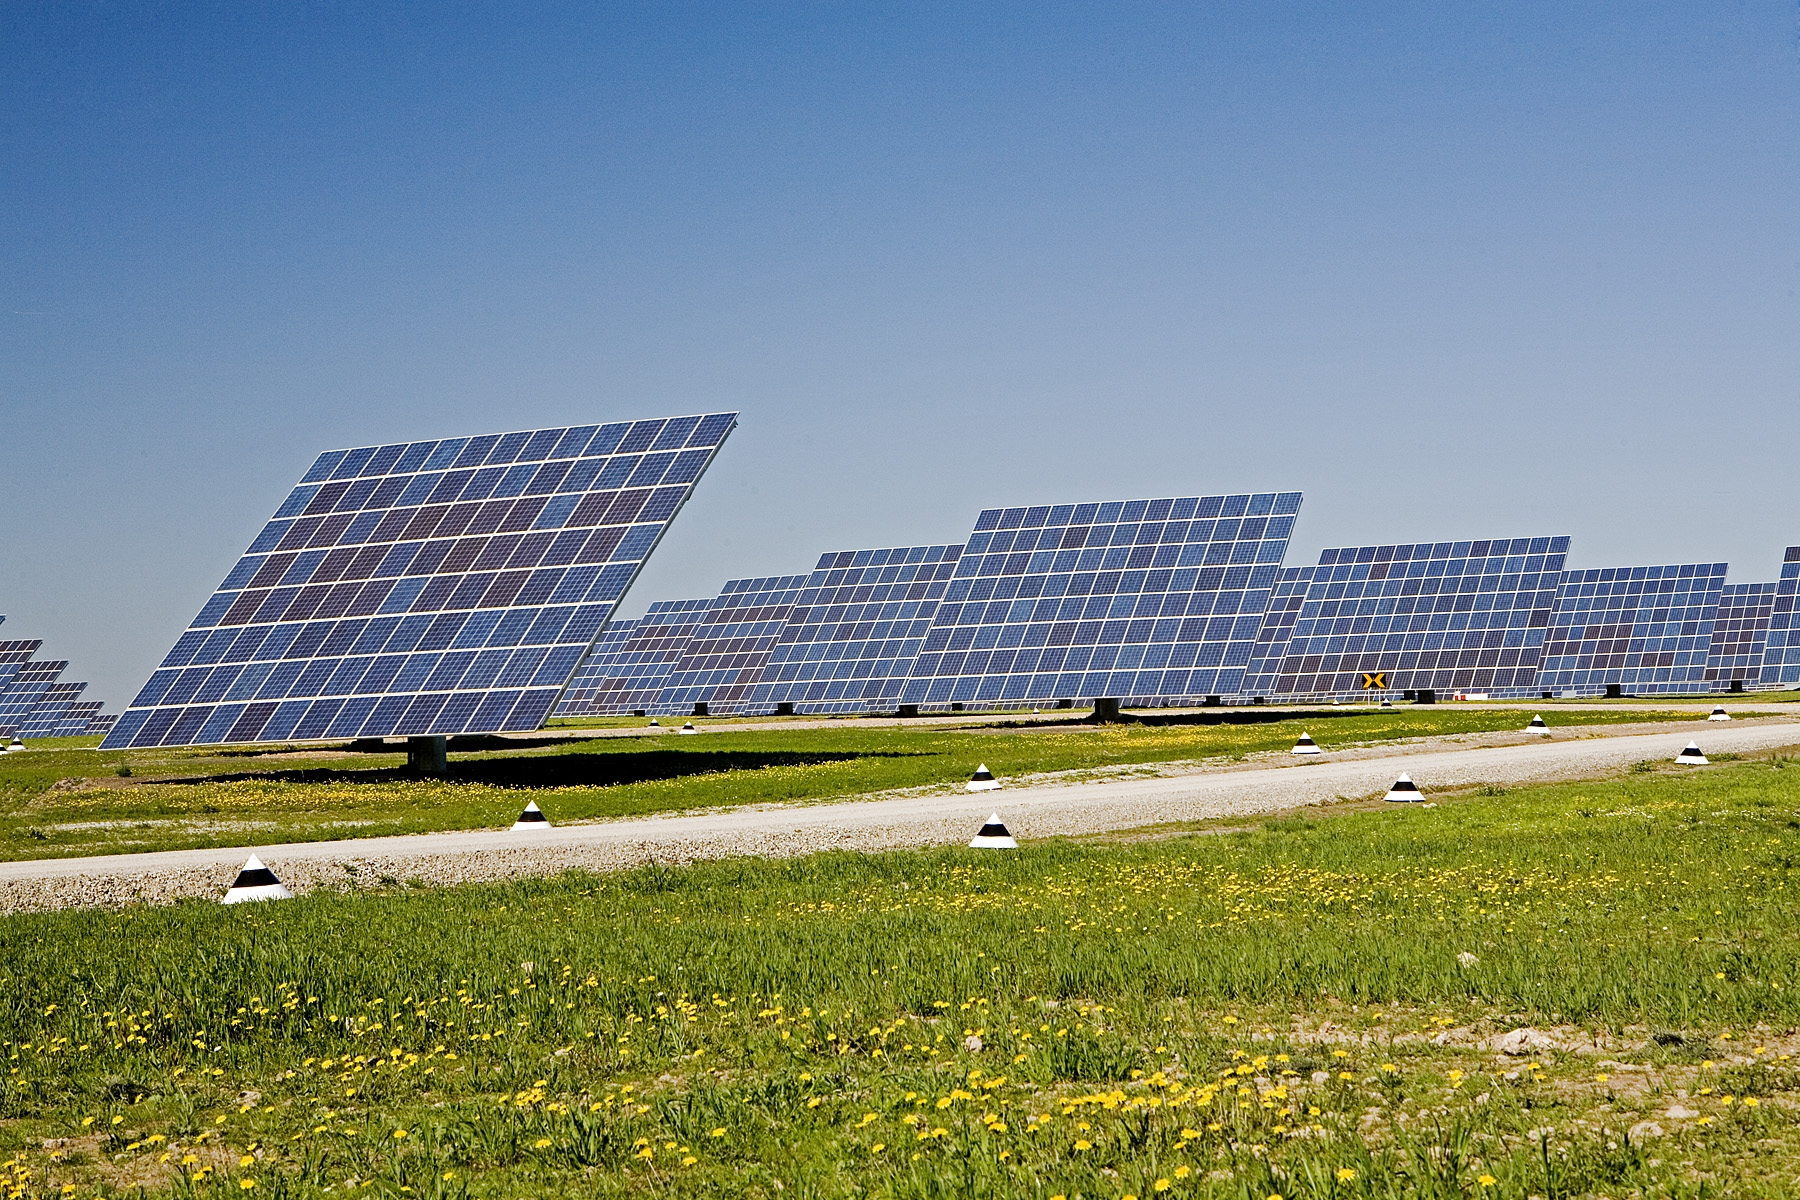 Acciona selecciona para el plan de energías renovables del Ejército estadounidense con energía solar fotovoltaica.